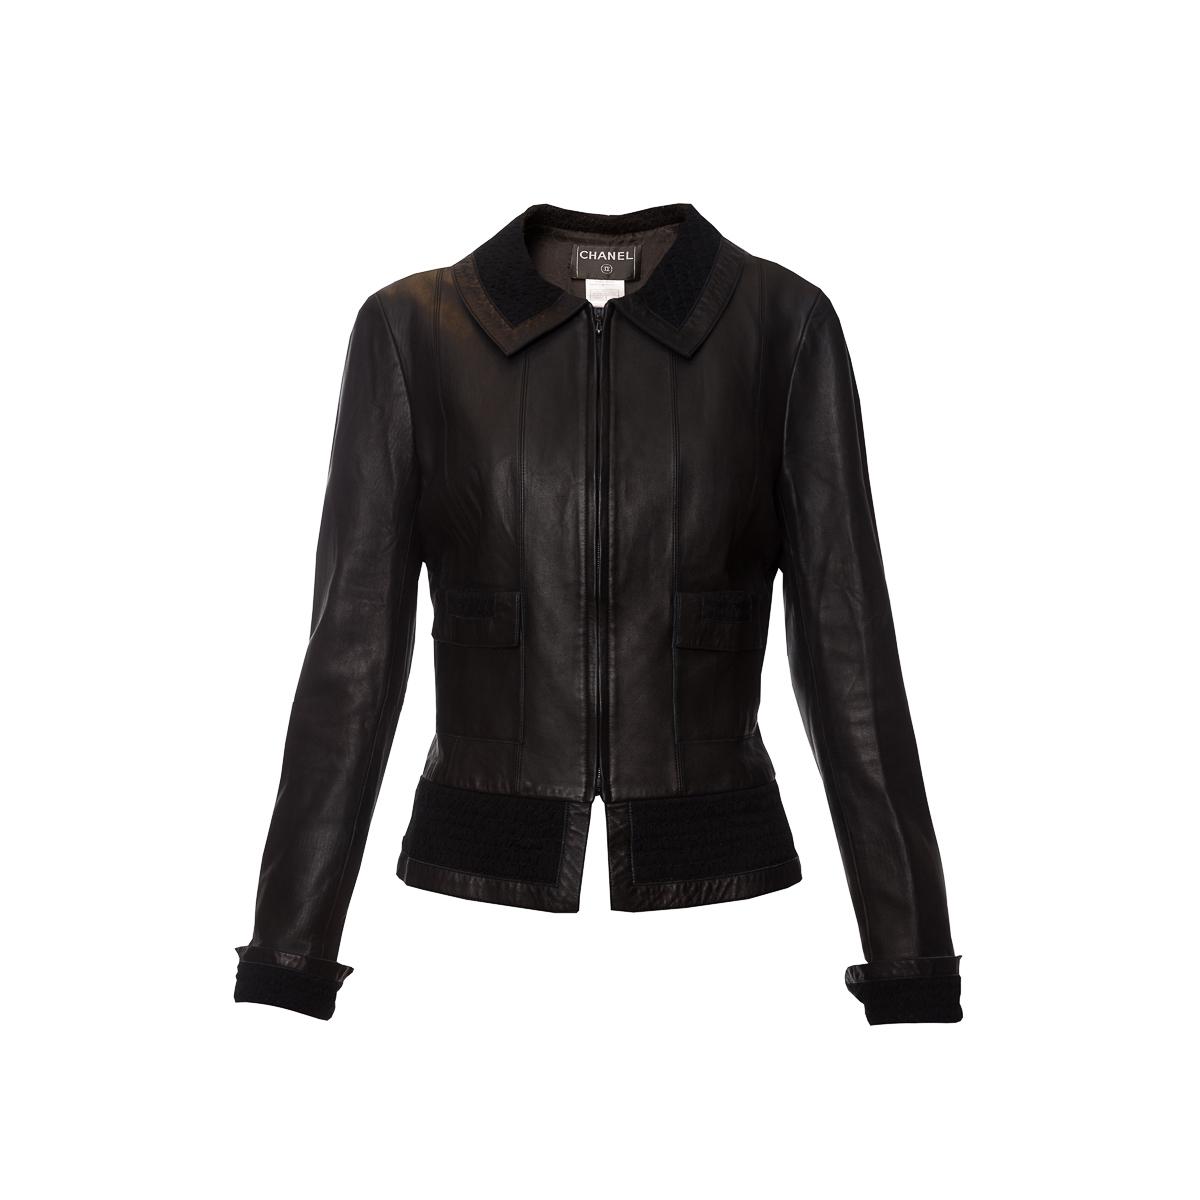 Элегантная куртка из кожи черного цвета от Chanel, 36 размер.